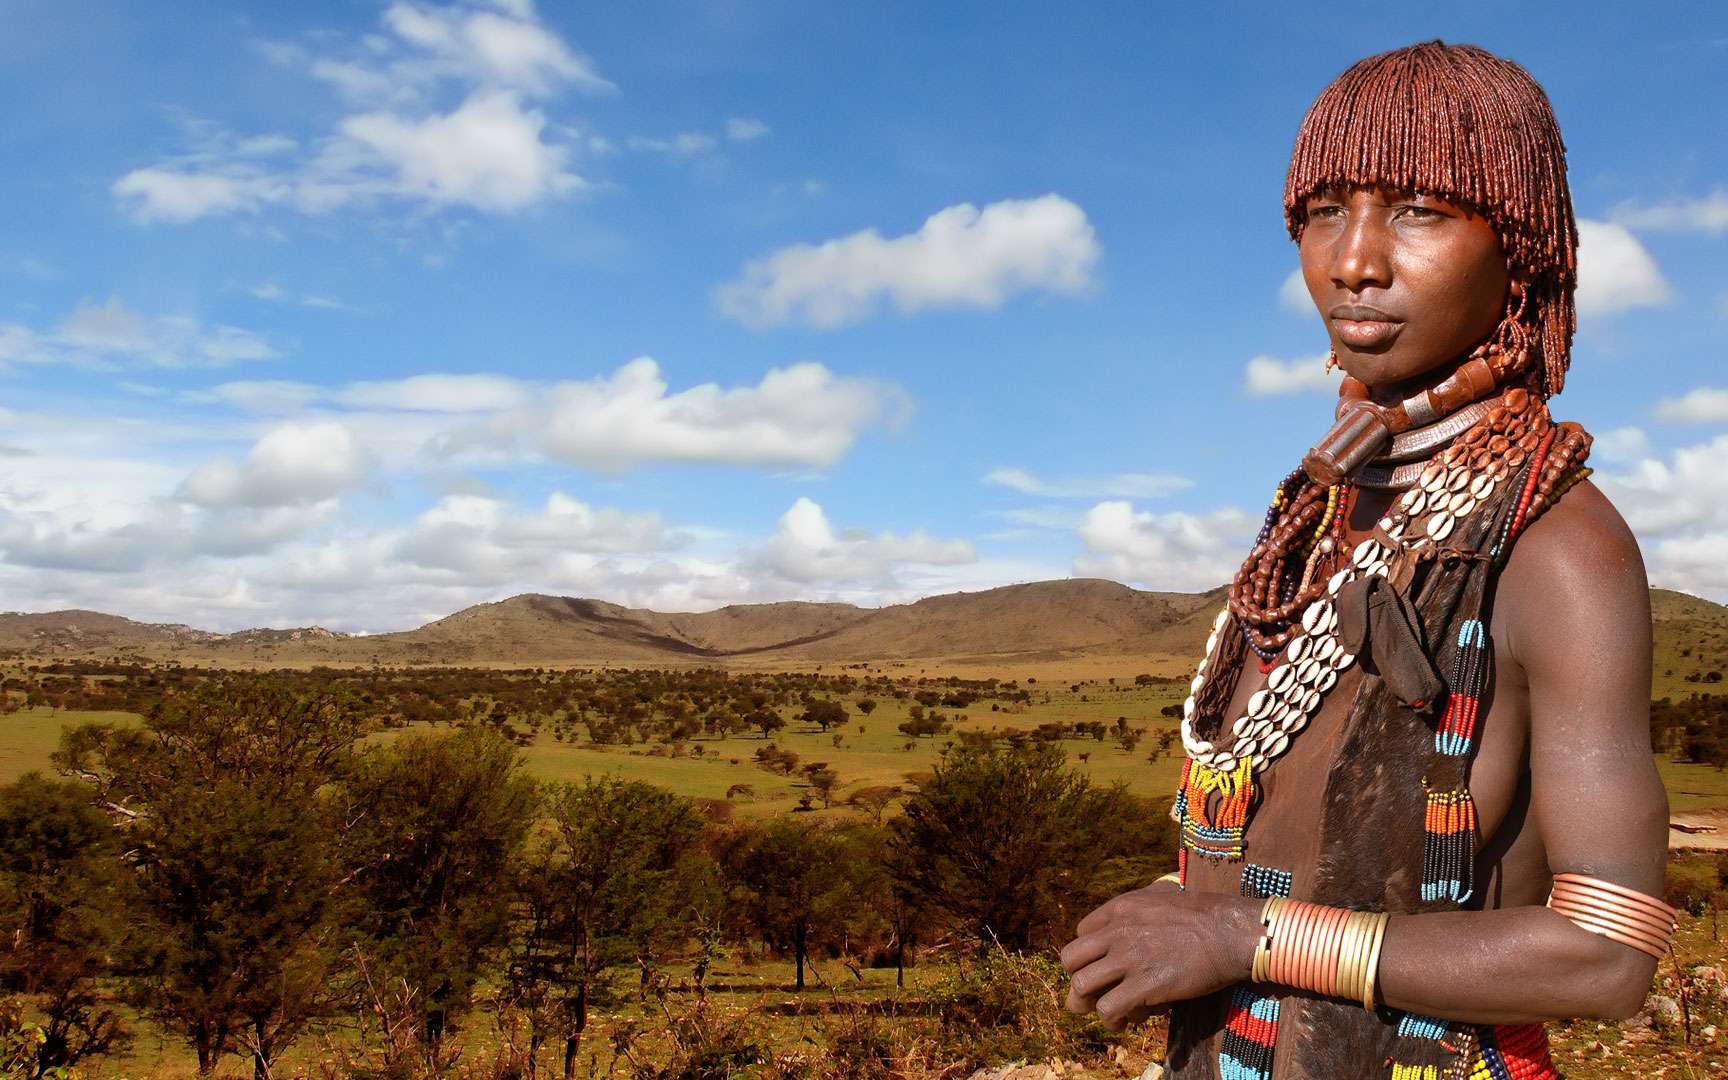 Les Hamers, un peuple d'Éthiopie dont la culture tend à disparaître. Les Hamers forment un peuple d'Éthiopie semi-nomade qui suit un itinéraire tracé par leurs ancêtres. Ils ont un sens prononcé pour l'esthétique et s'accordent beaucoup de temps pour s'embellir. Les femmes sont connues pour leur coupe de cheveux particulière : elles coiffent leurs cheveux en fines dreadlocks qu'elles enduisent d'un mélange de beurre et d'ocre rouge. Les Hamers sont très touchés par l'occidentalisation et leur culture disparaît peu à peu. Localisation : Éthiopie. © Dietmar Temps, Flickr, CC by-nc-sa 2.0